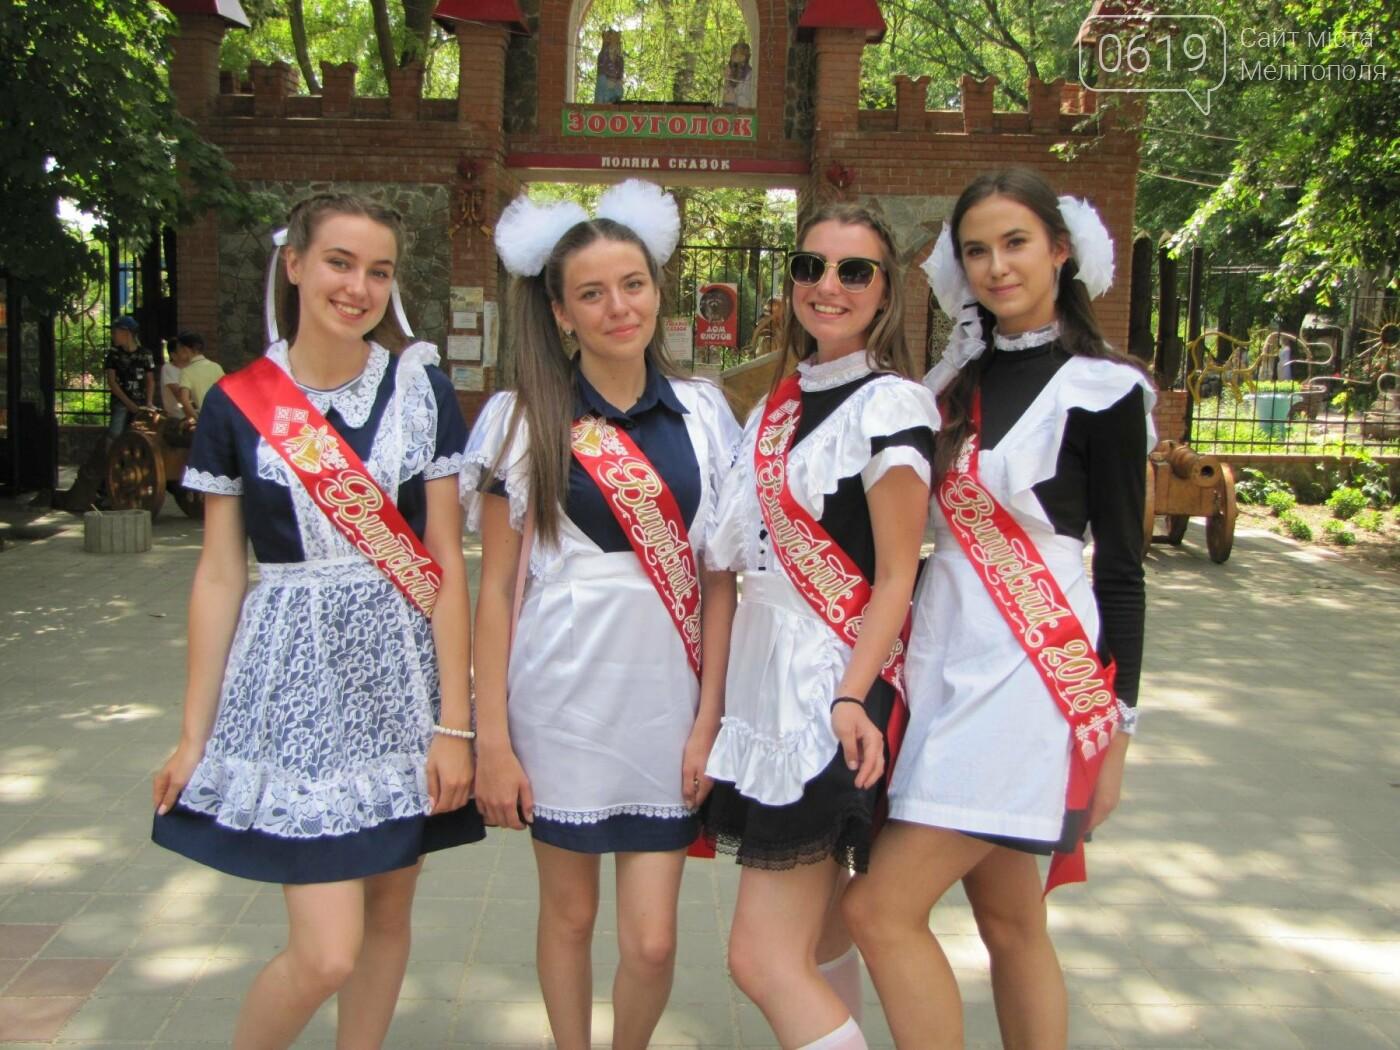 Мелитопольские выпускники не придерживаются единого стиля в нарядах, фото-4